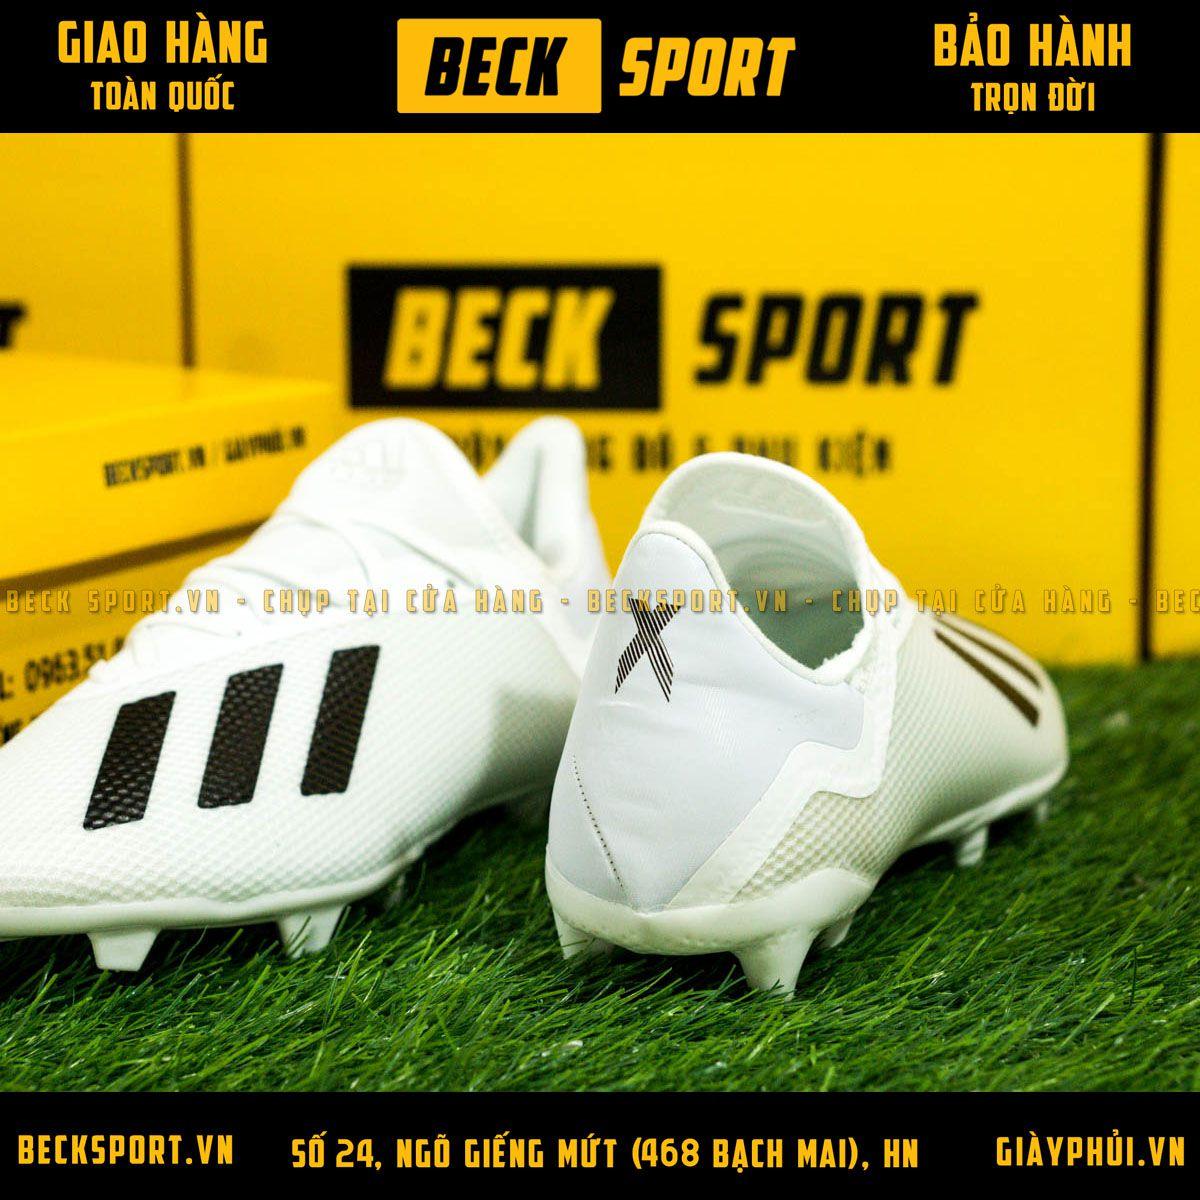 Giày Bóng Đá Adidas X 18.3 Trắng Tuyền FG